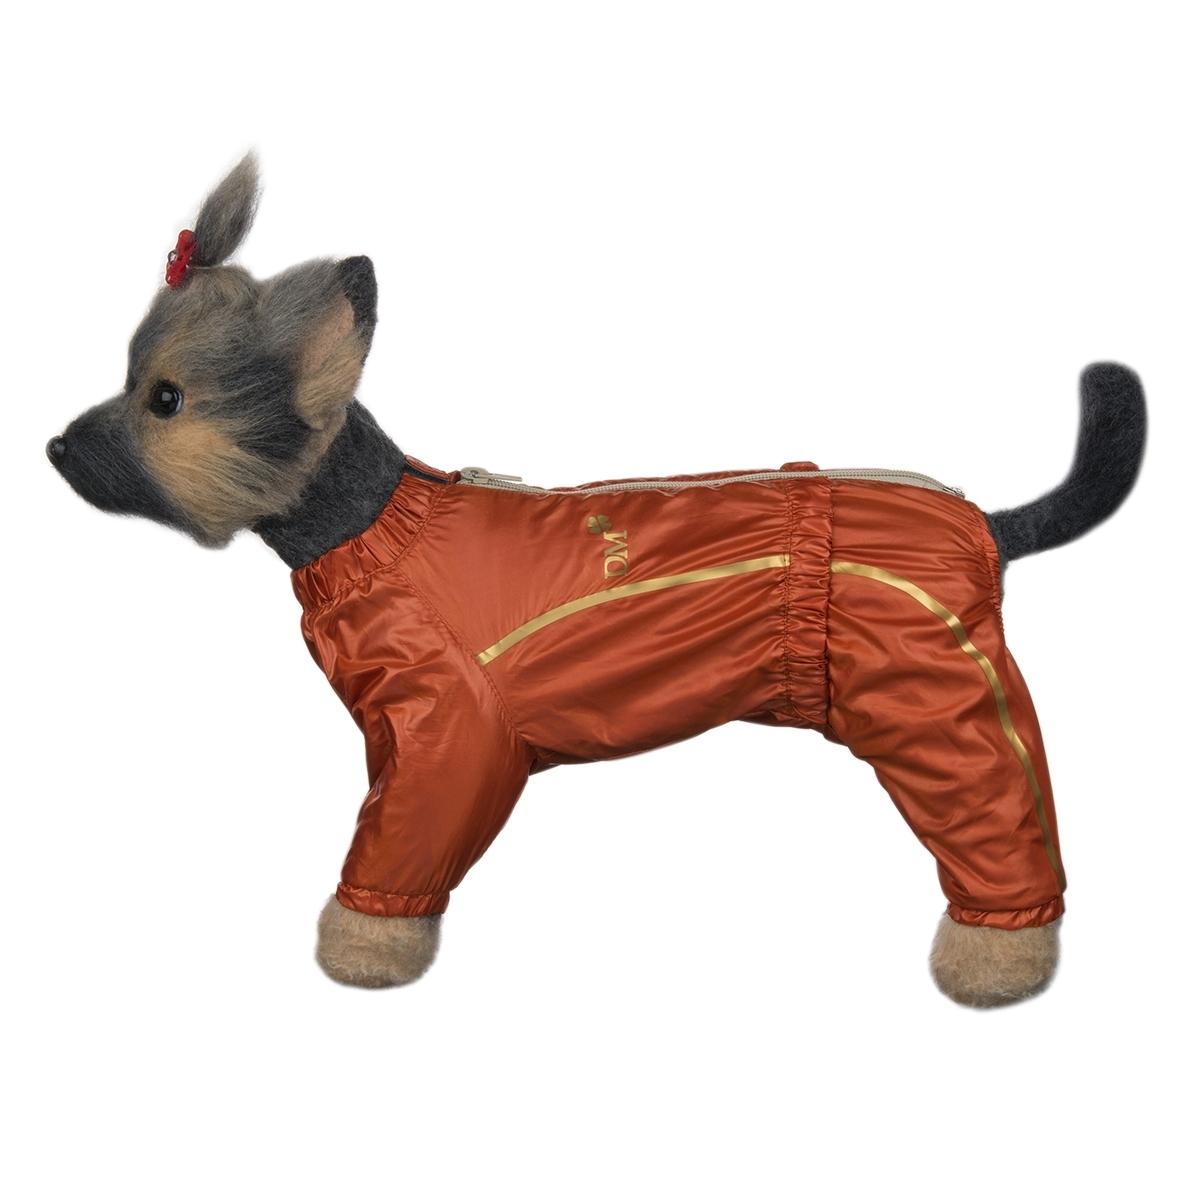 Комбинезон для собак Dogmoda Альпы, для девочки, цвет: оранжевый. Размер 4 (XL)DM-160100-4_оранжКомбинезон для собак Dogmoda Альпы отлично подойдет для прогулок поздней осенью или ранней весной. Комбинезон изготовлен из полиэстера, защищающего от ветра и осадков, с подкладкой из флиса, которая сохранит тепло и обеспечит отличный воздухообмен. Комбинезон застегивается на молнию и липучку, благодаря чему его легко надевать и снимать. Ворот, низ рукавов и брючин оснащены внутренними резинками, которые мягко обхватывают шею и лапки, не позволяя просачиваться холодному воздуху. На пояснице имеется внутренняя резинка. Изделие декорировано золотистыми полосками и надписью DM. Благодаря такому комбинезону простуда не грозит вашему питомцу и он не даст любимцу продрогнуть на прогулке. Длина по спинке: 32 см. Объем груди: 52 см. Обхват шеи: 33 см.